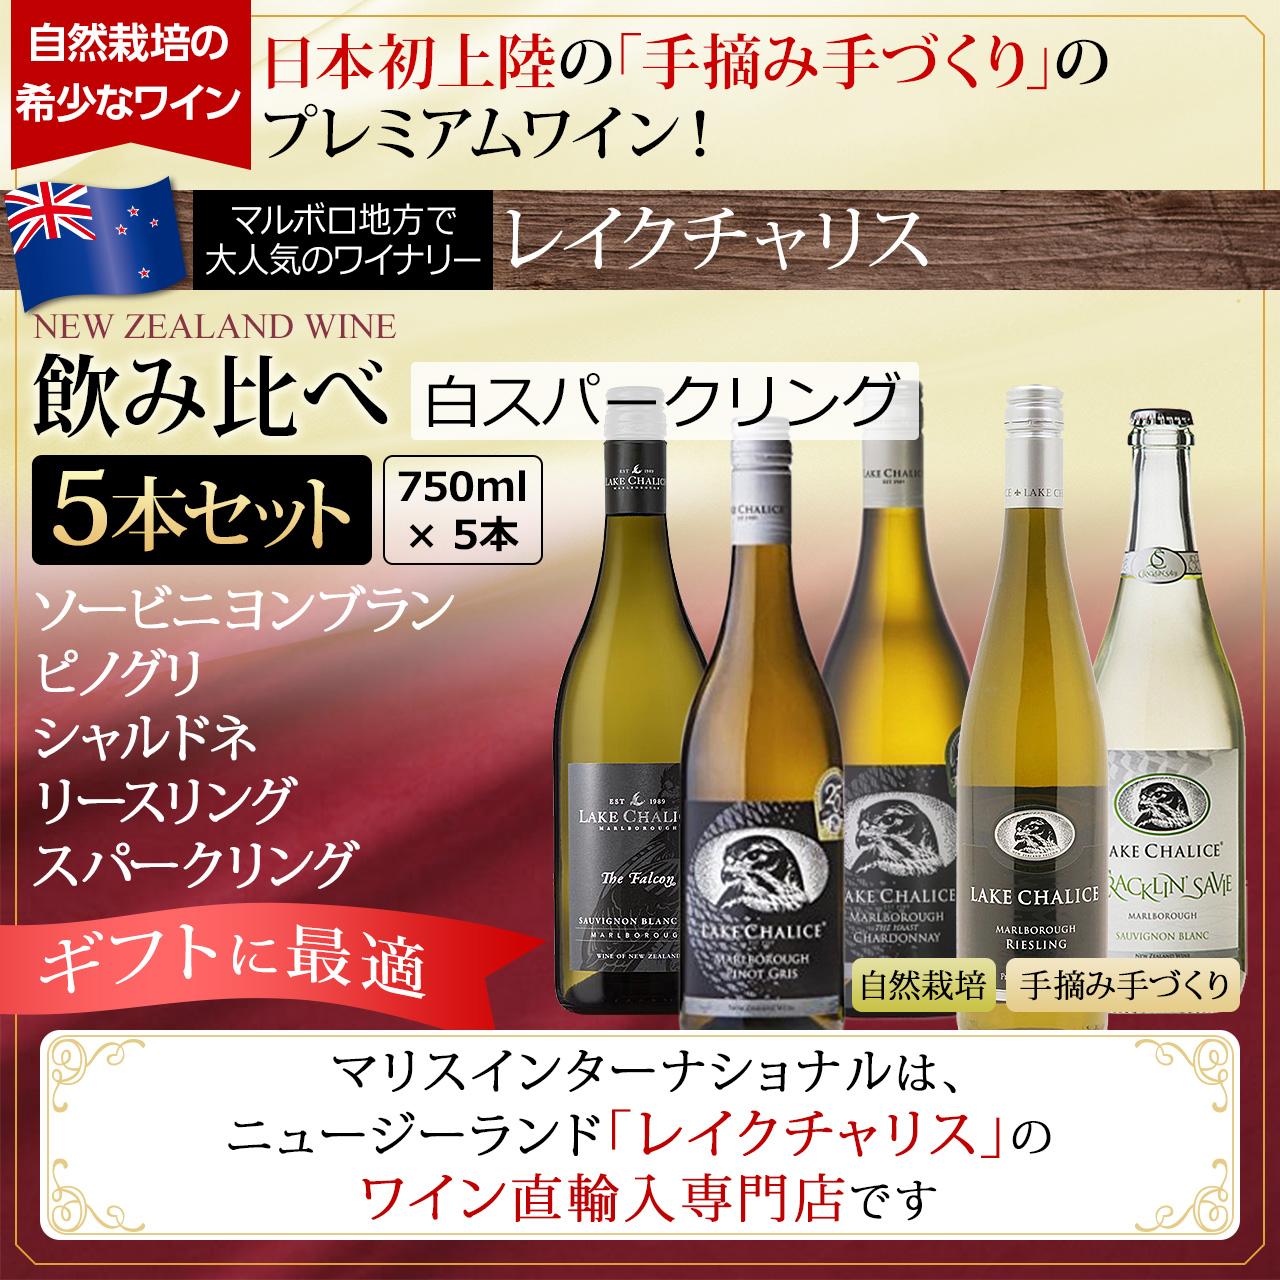 【送料無料】【 白スパークリング 飲み比べ  ニュージーランド産】白5本セット 各750ml